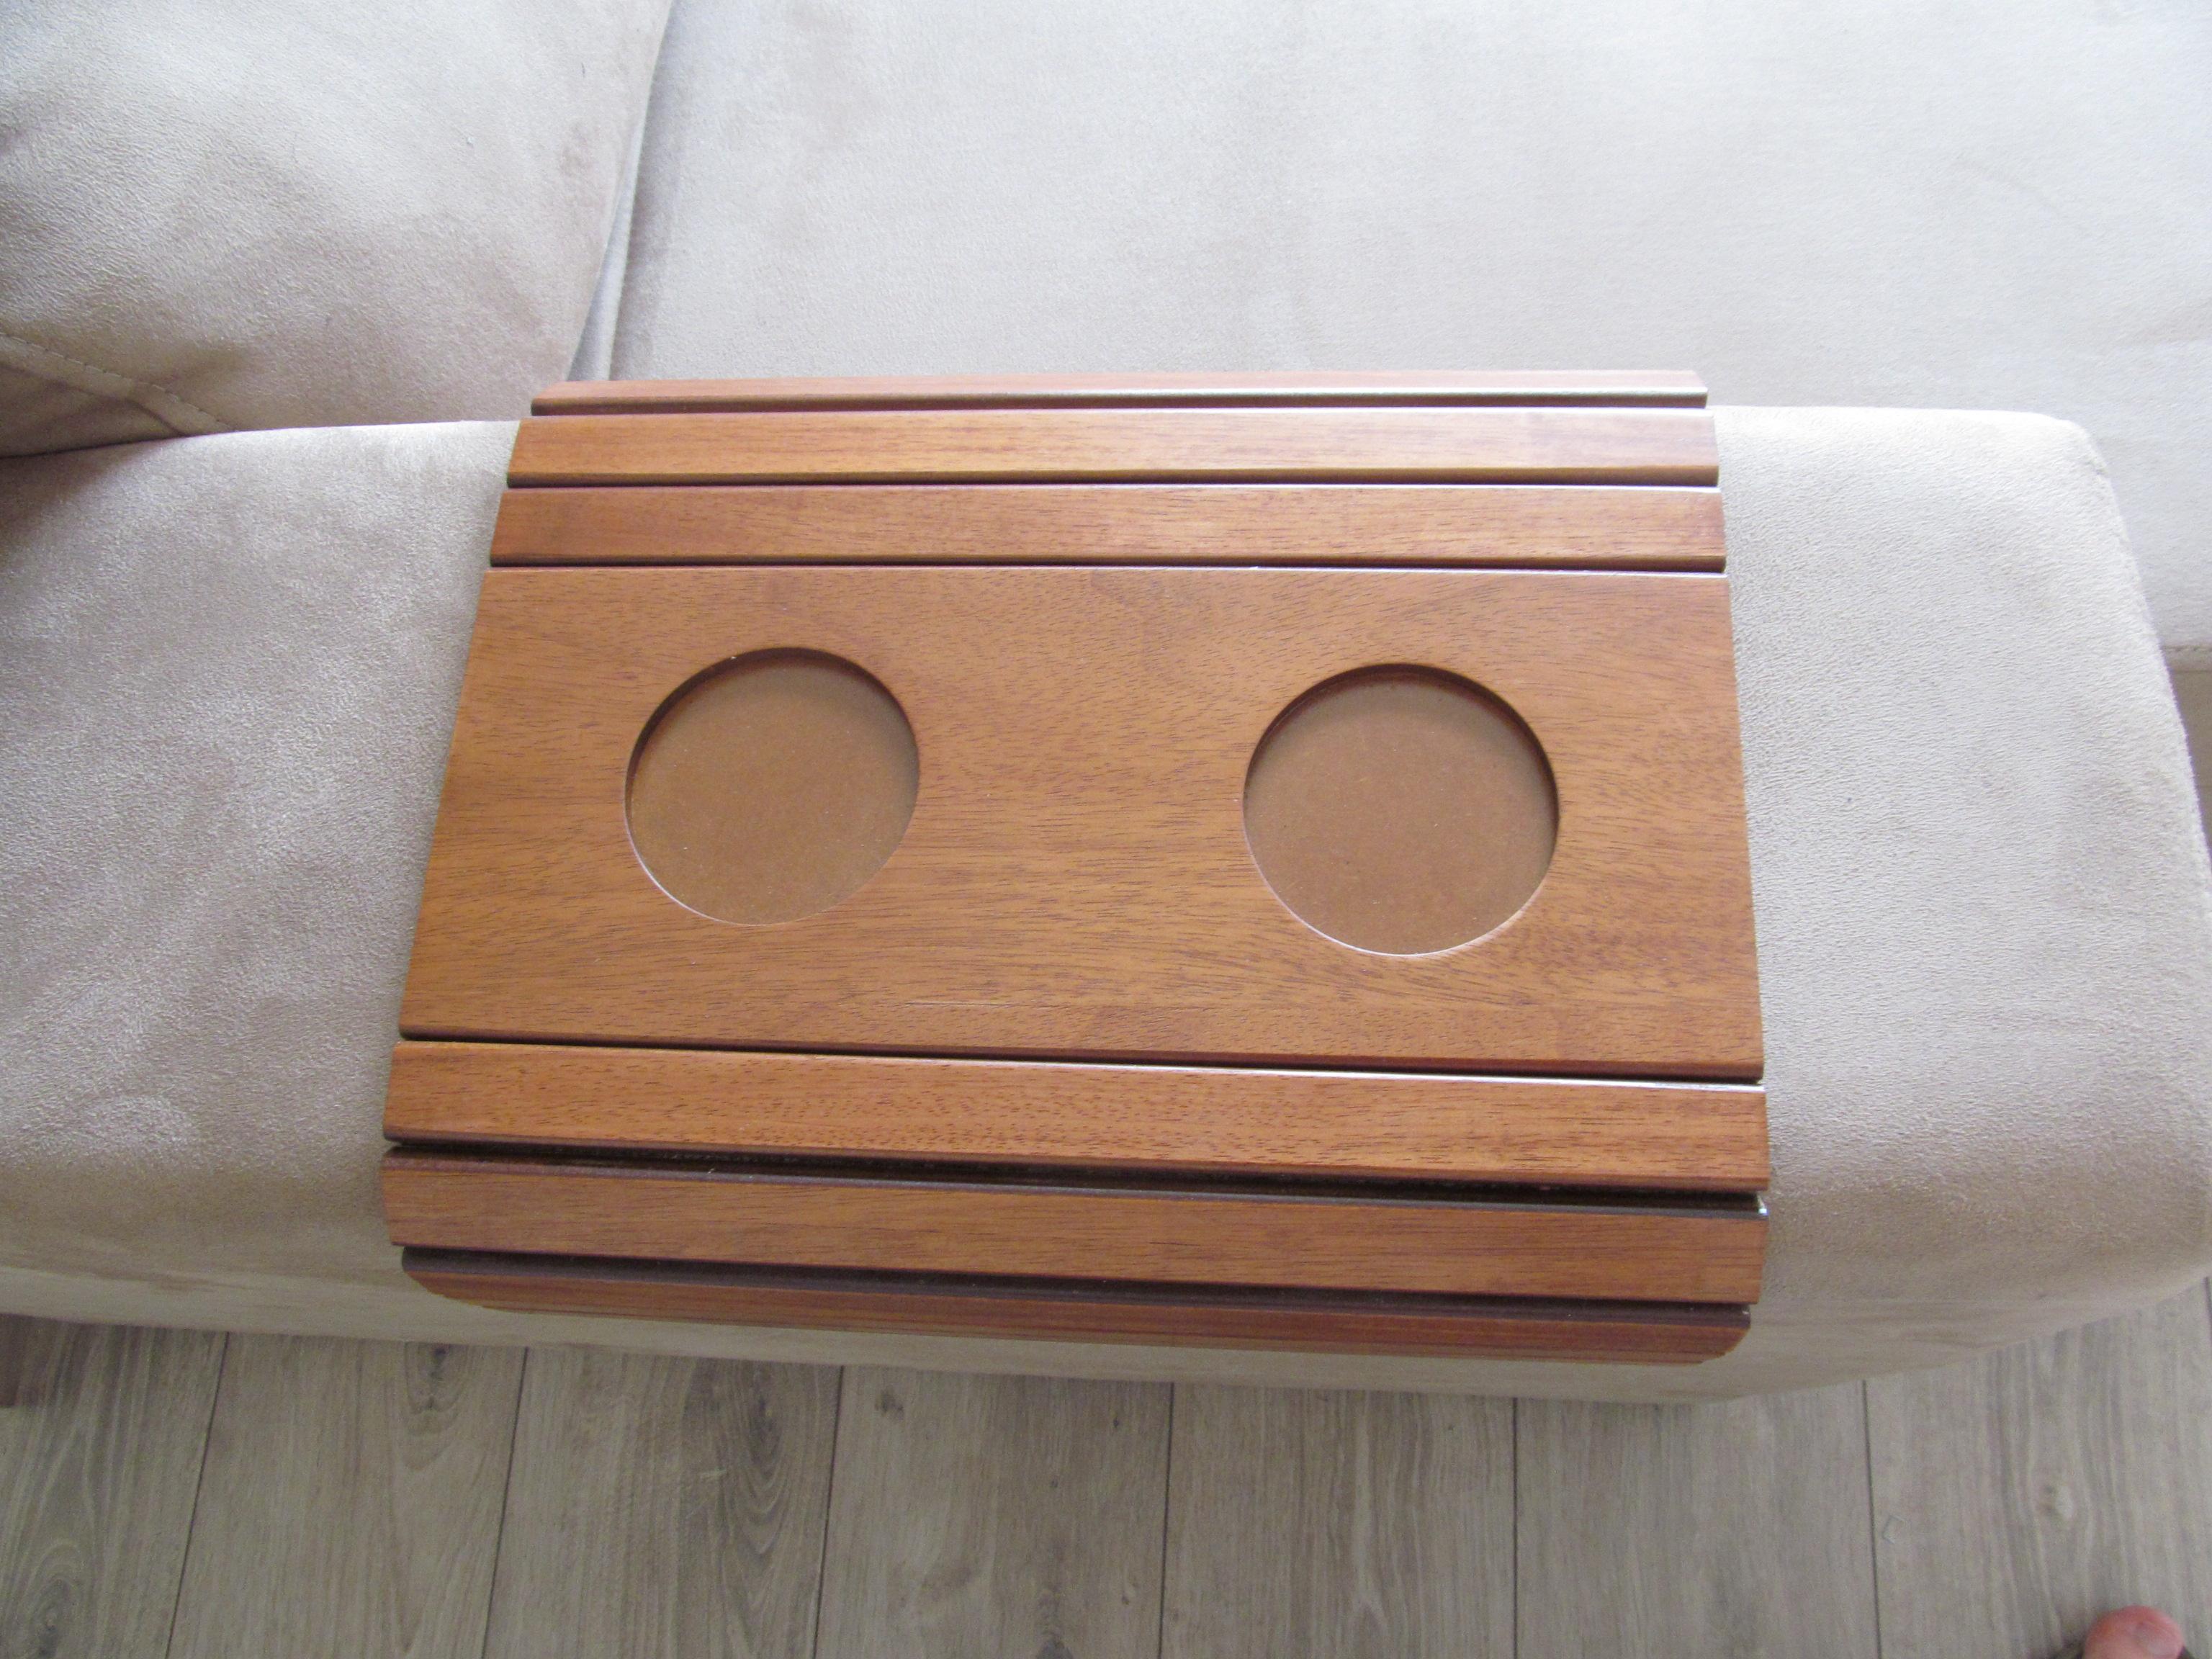 Acho bem bonitos esses porta copos para colocar no braço do sofá. #915A3A 3072x2304